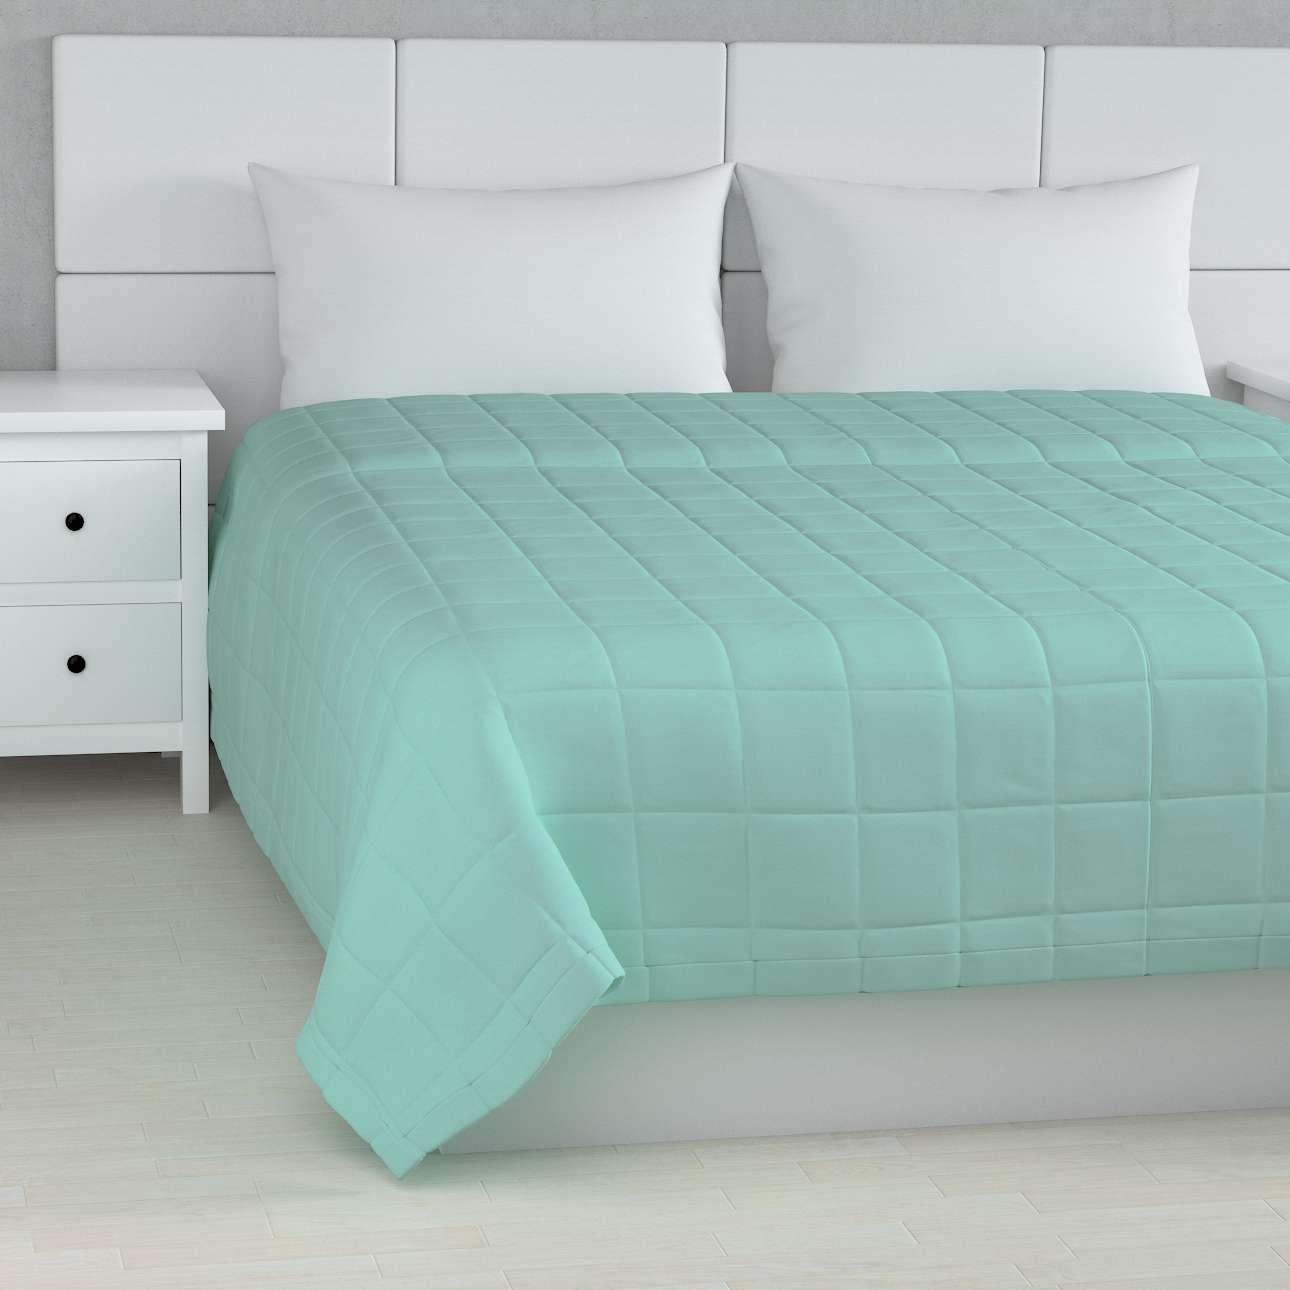 Prehoz na posteľ prešívaný 260 x 210 cm V kolekcii Loneta, tkanina: 133-32